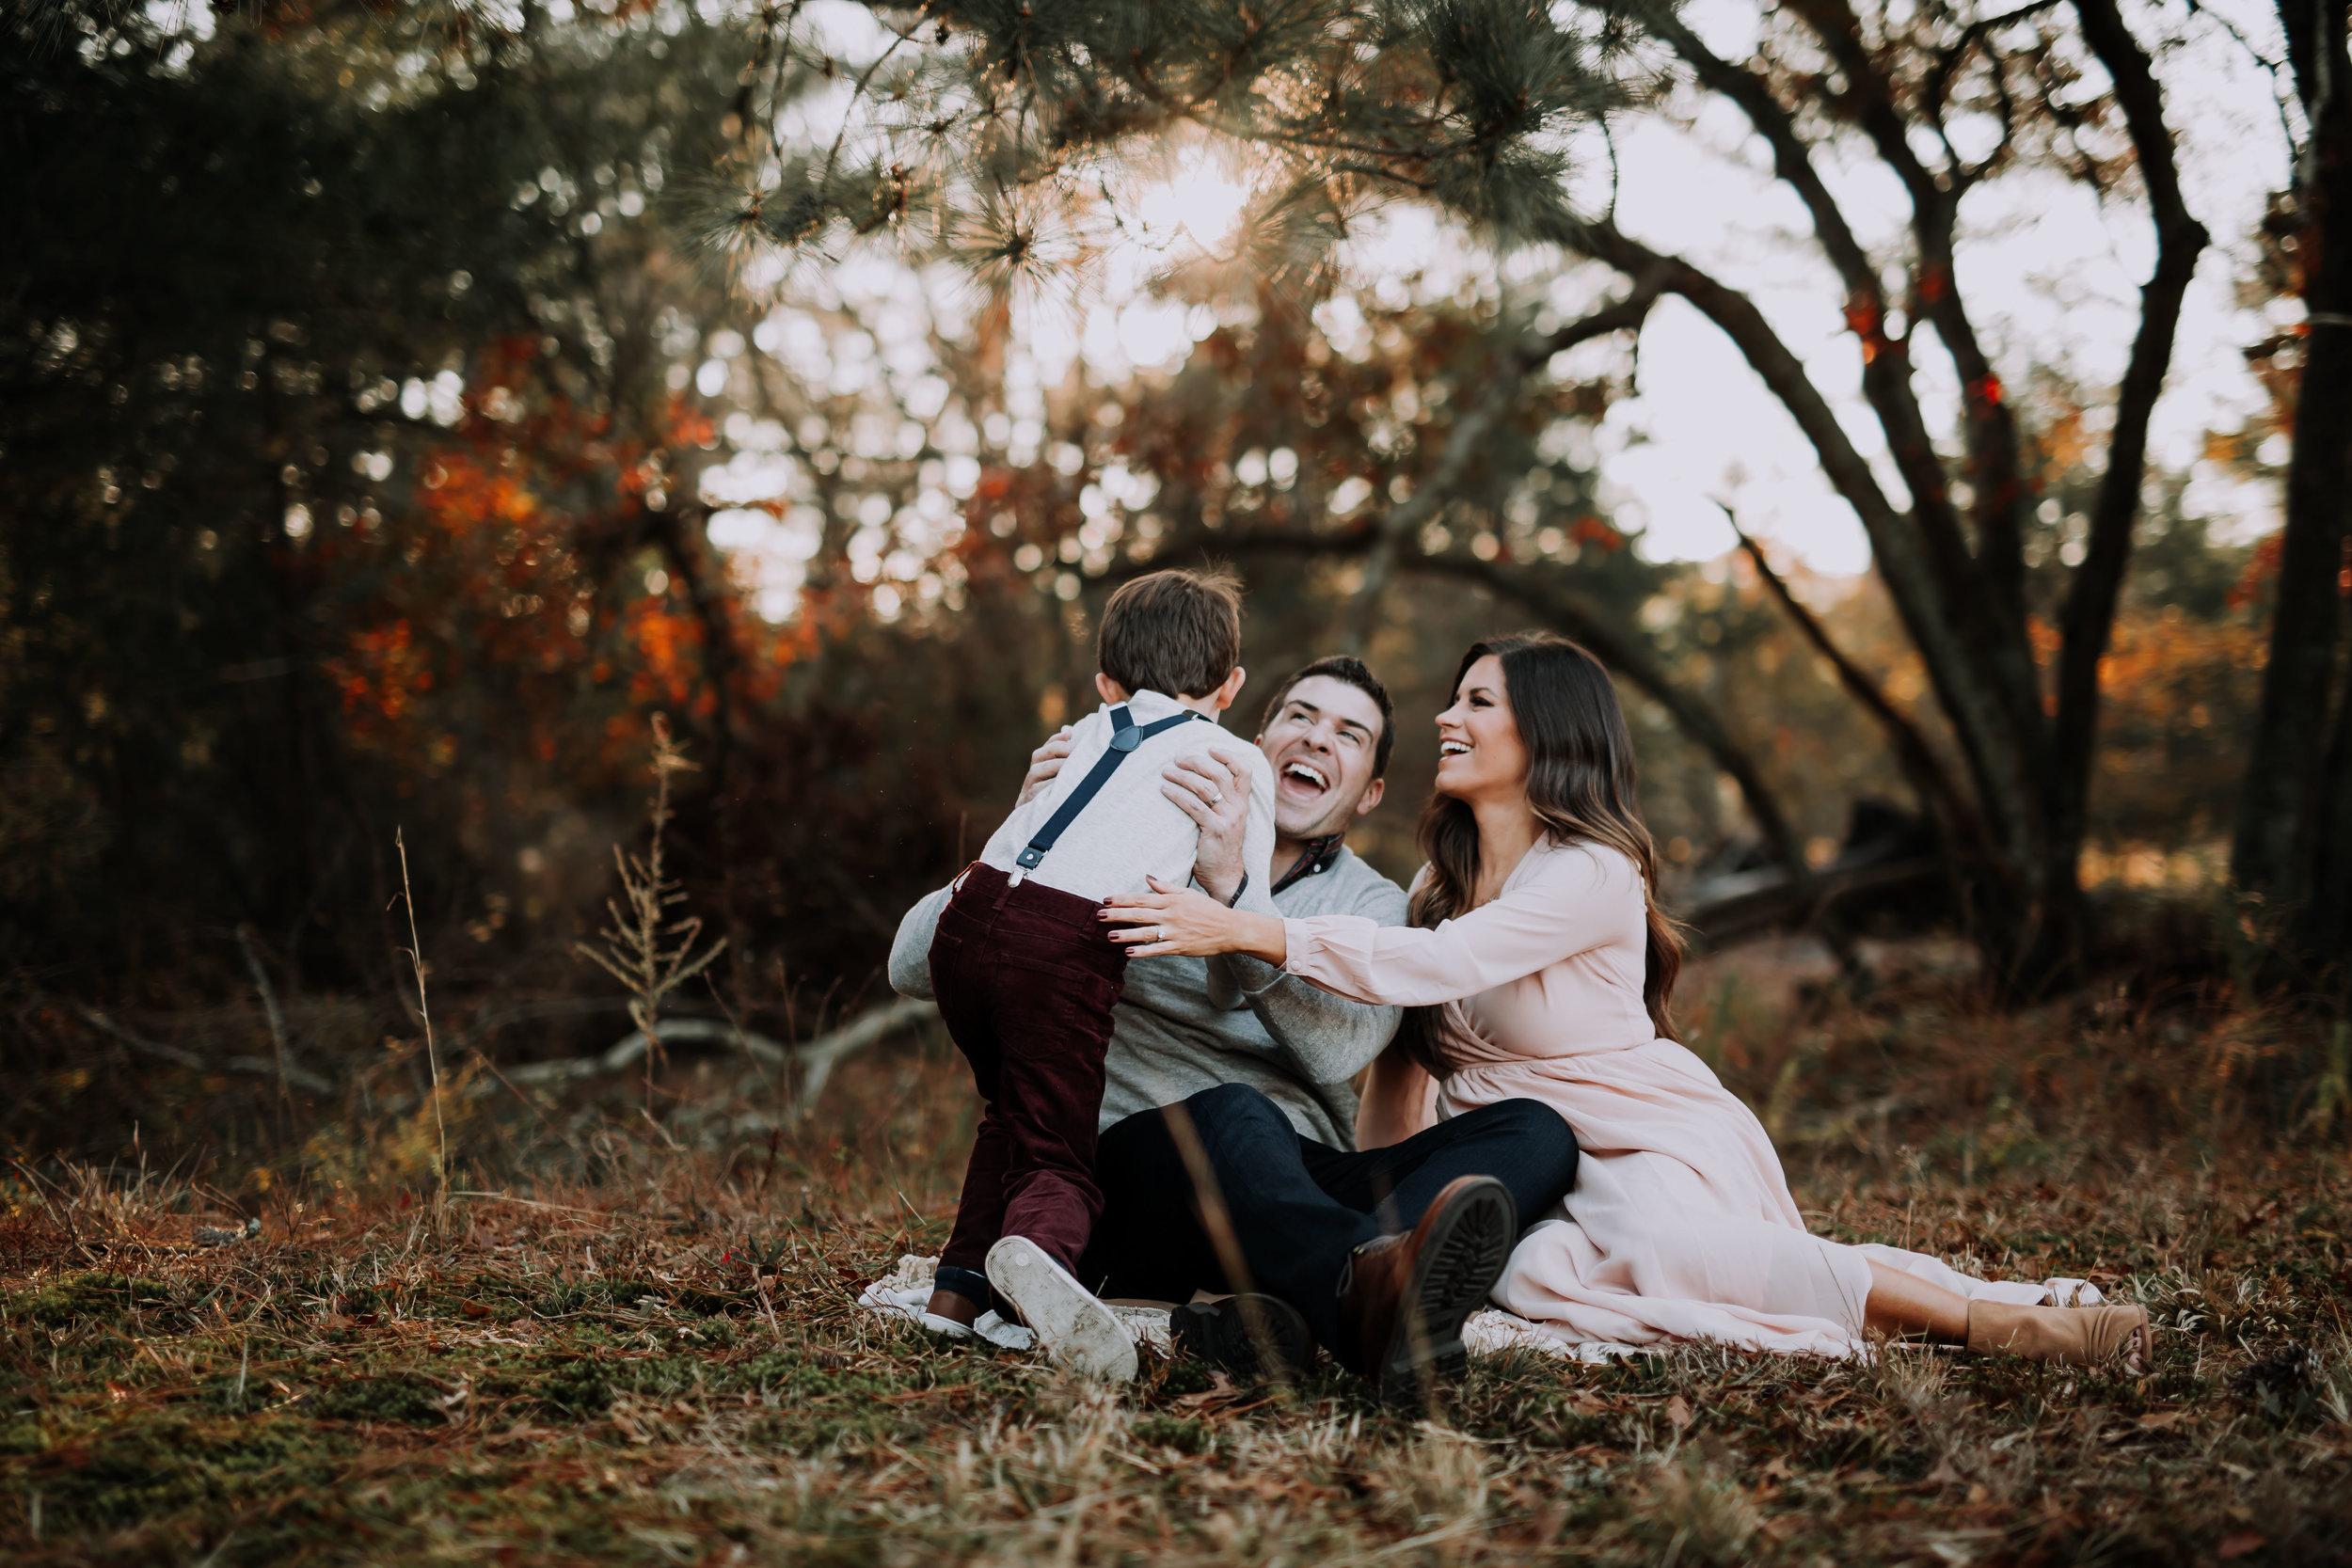 atlantafamilyphotographer-63.jpg